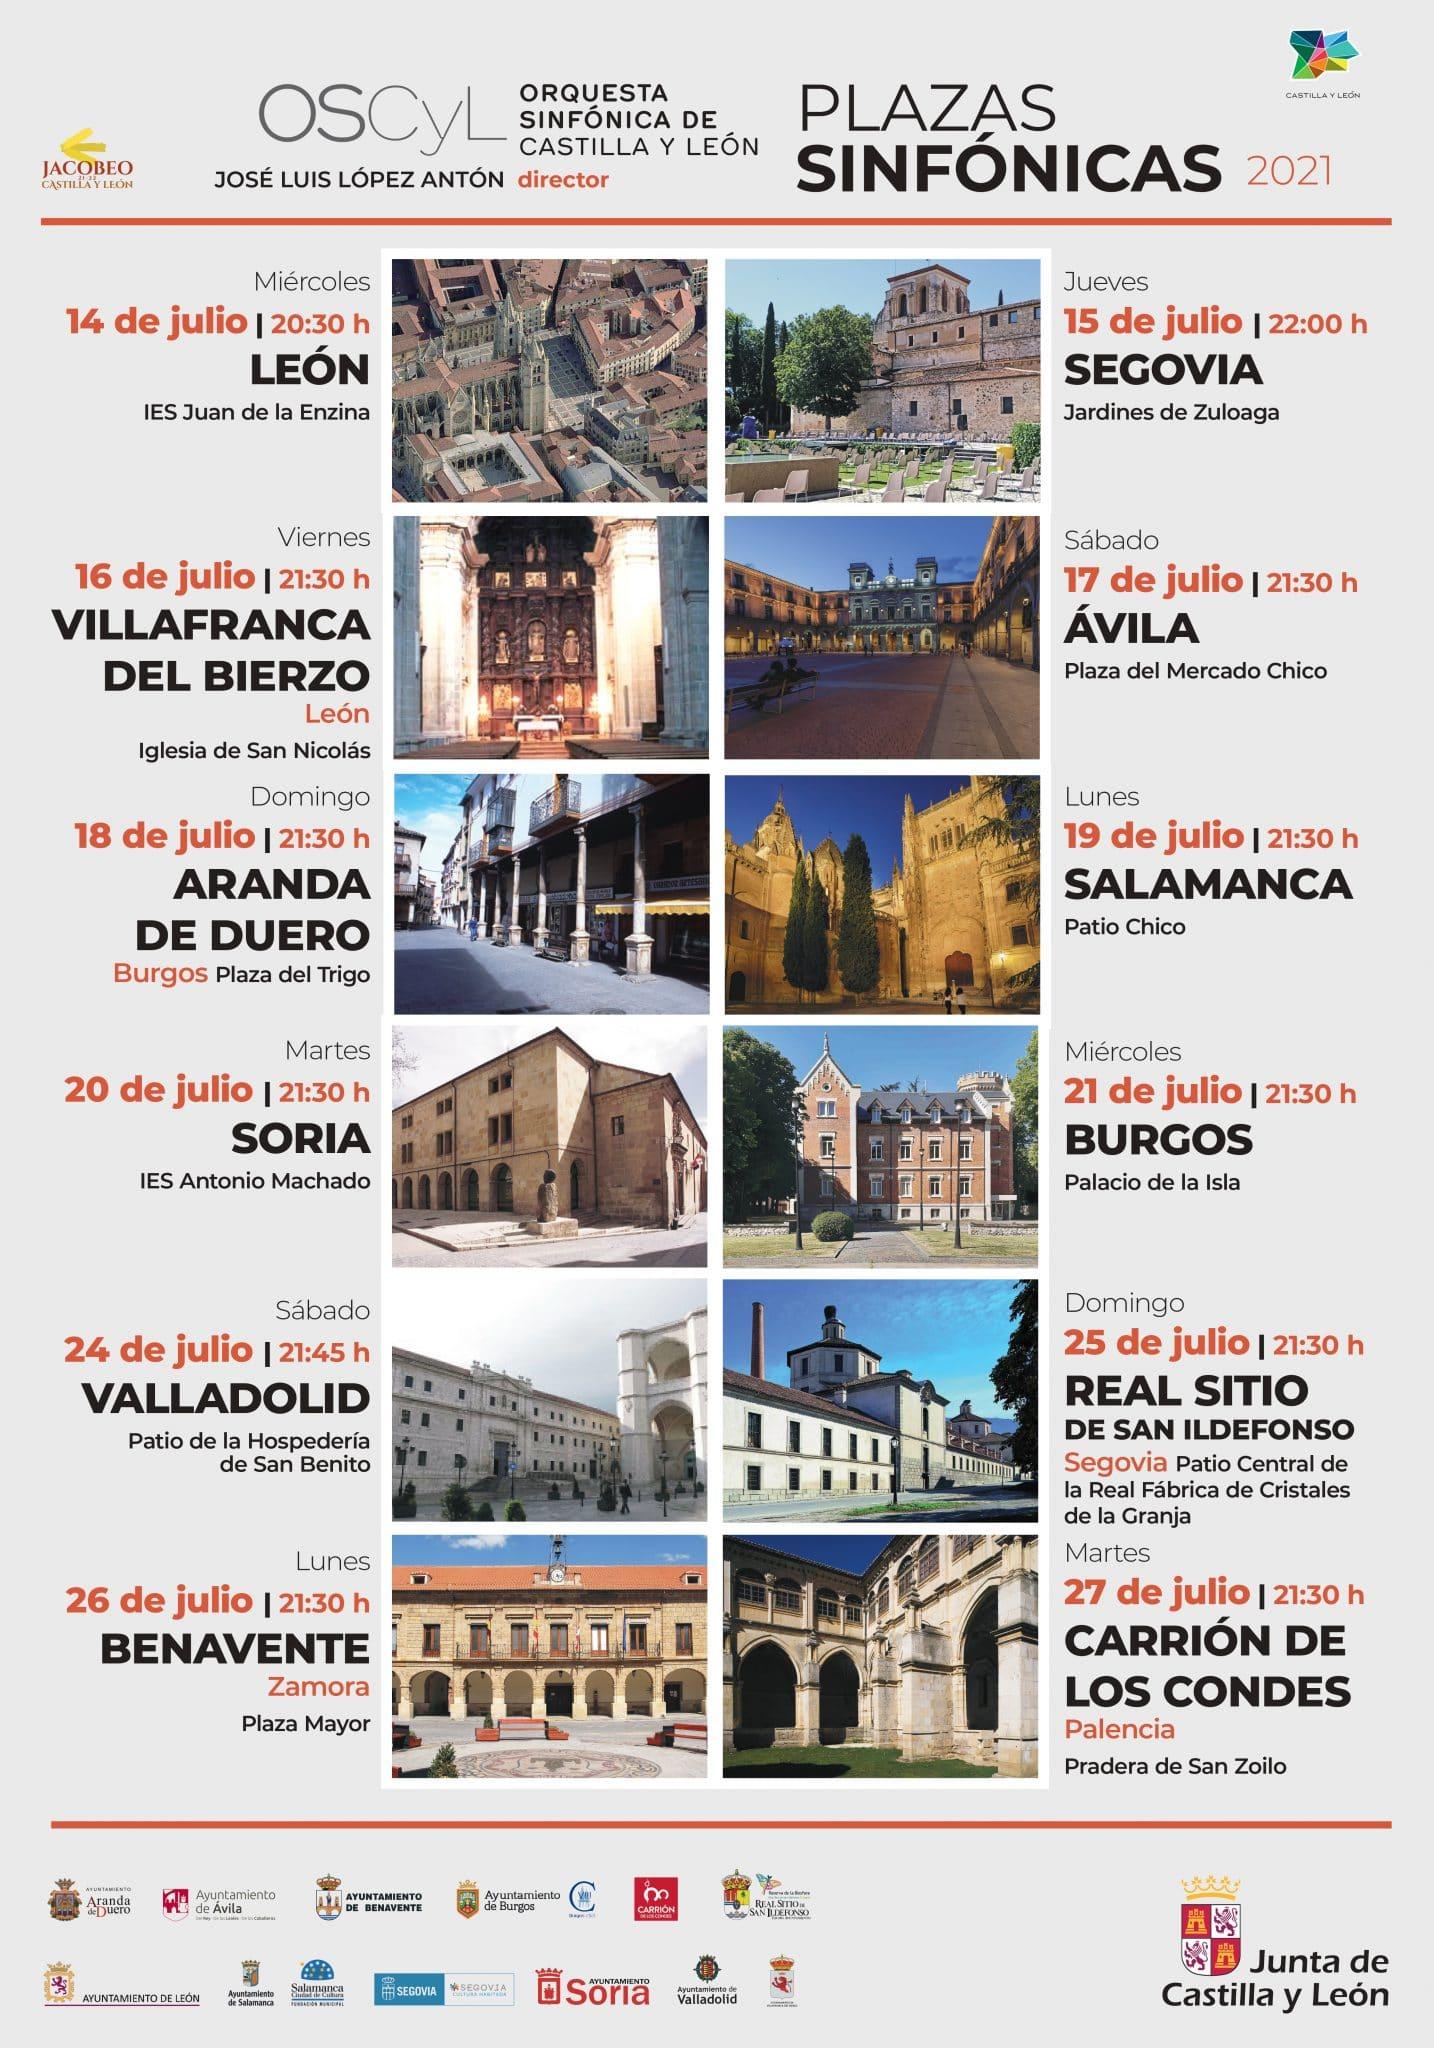 La Orquesta Sinfónica de Castilla y León llegará a Villafranca del Bierzo dentro del ciclo 'Plazas Sinfónicas' con 12 conciertos en las nueve provincias 1